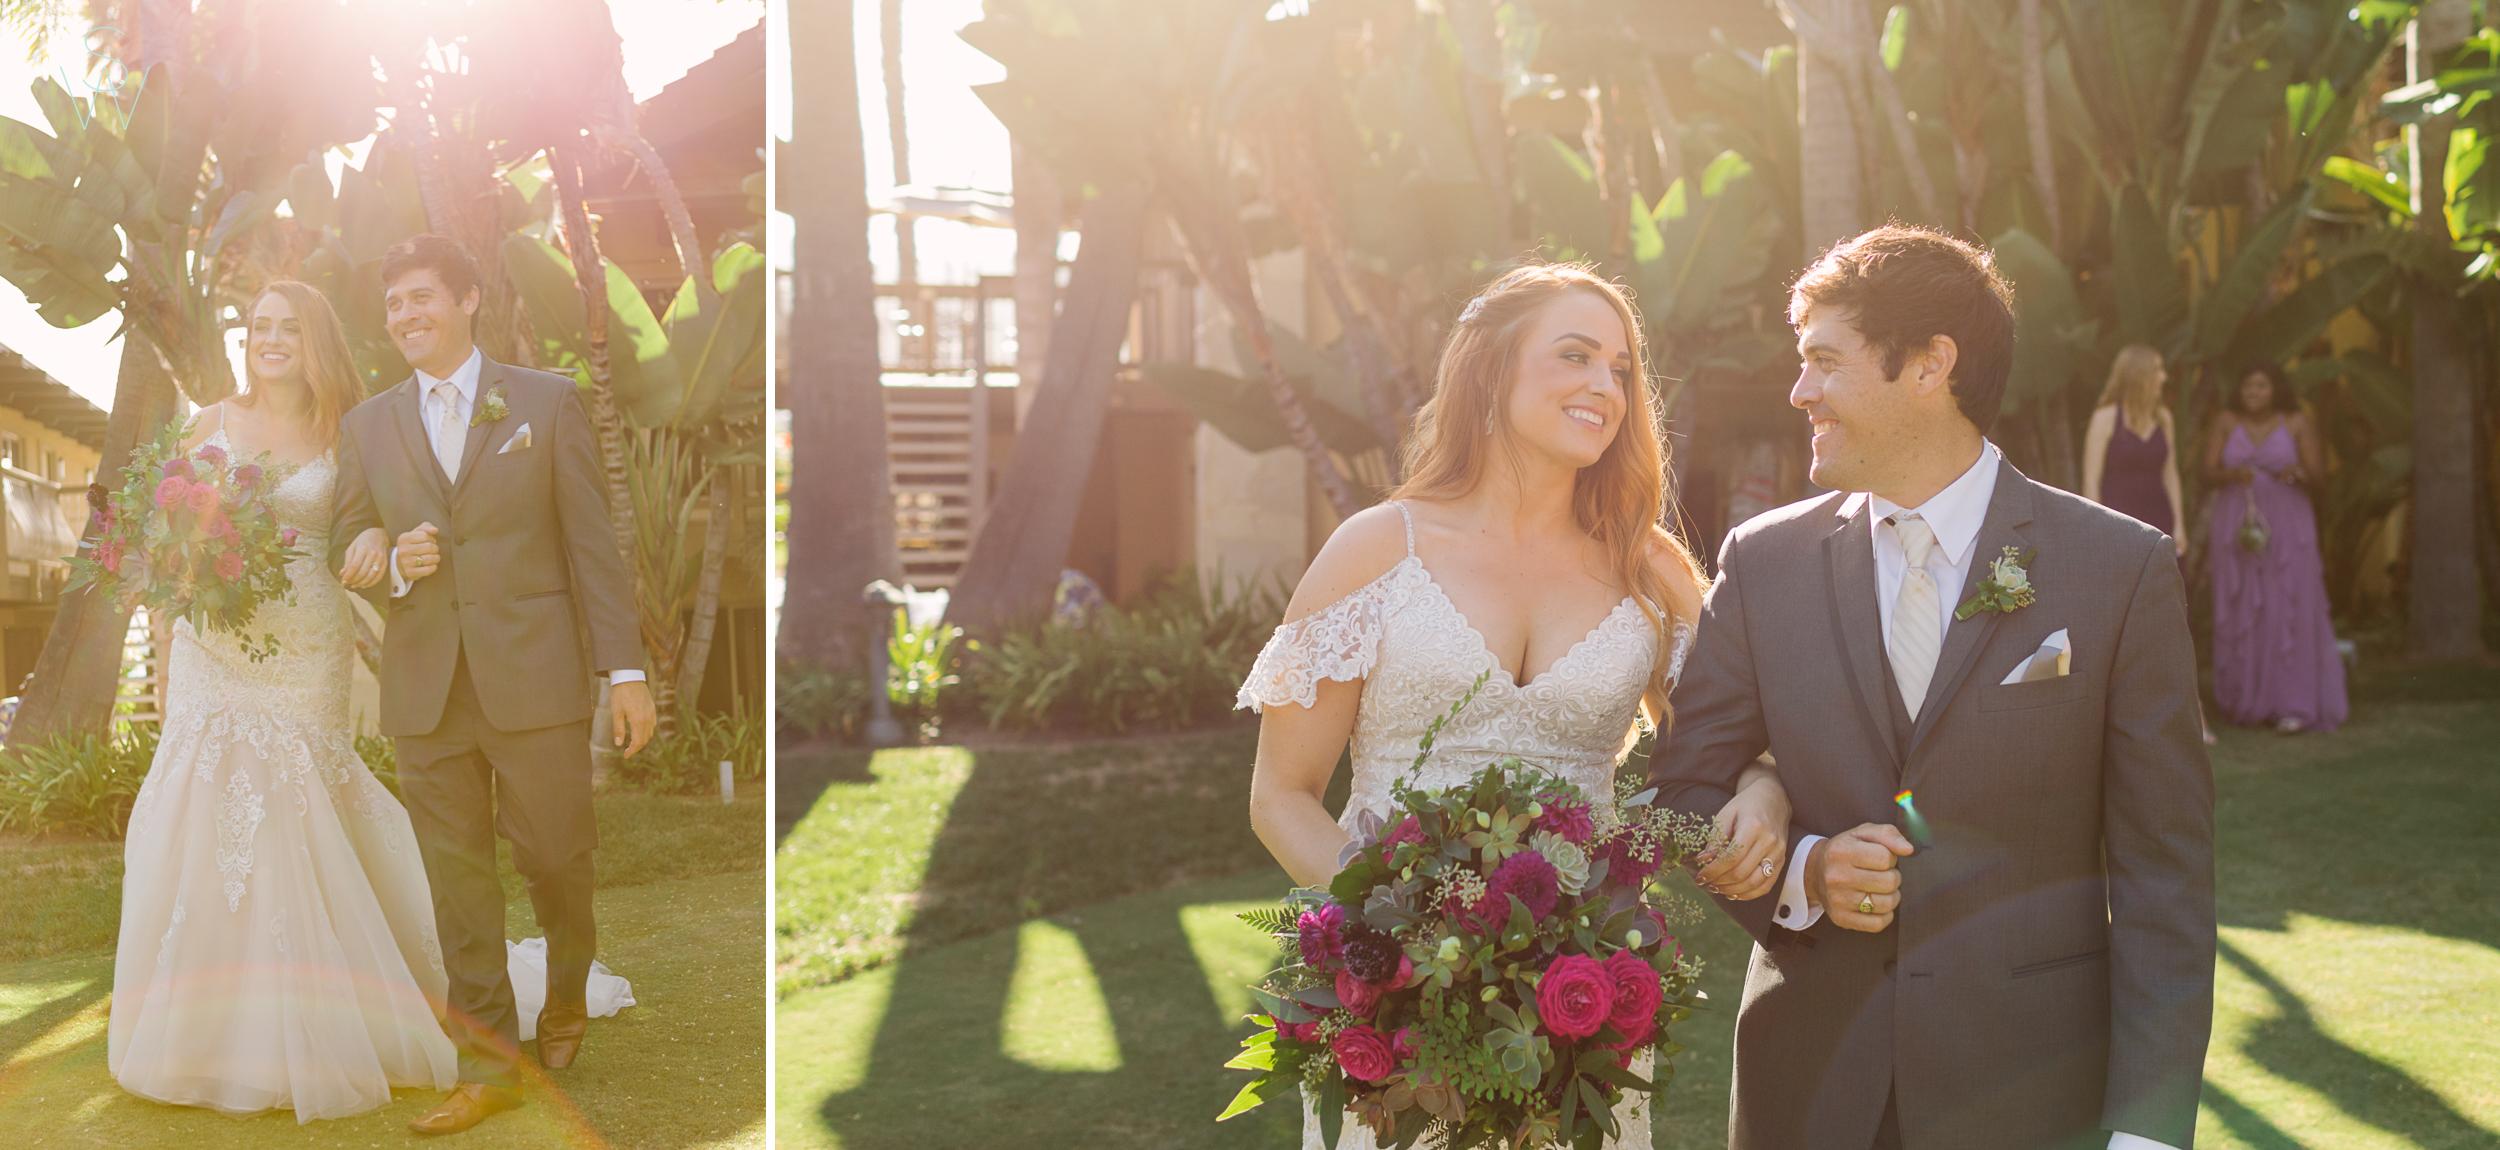 131San.diego.wedding.shewanders.photography.JPG